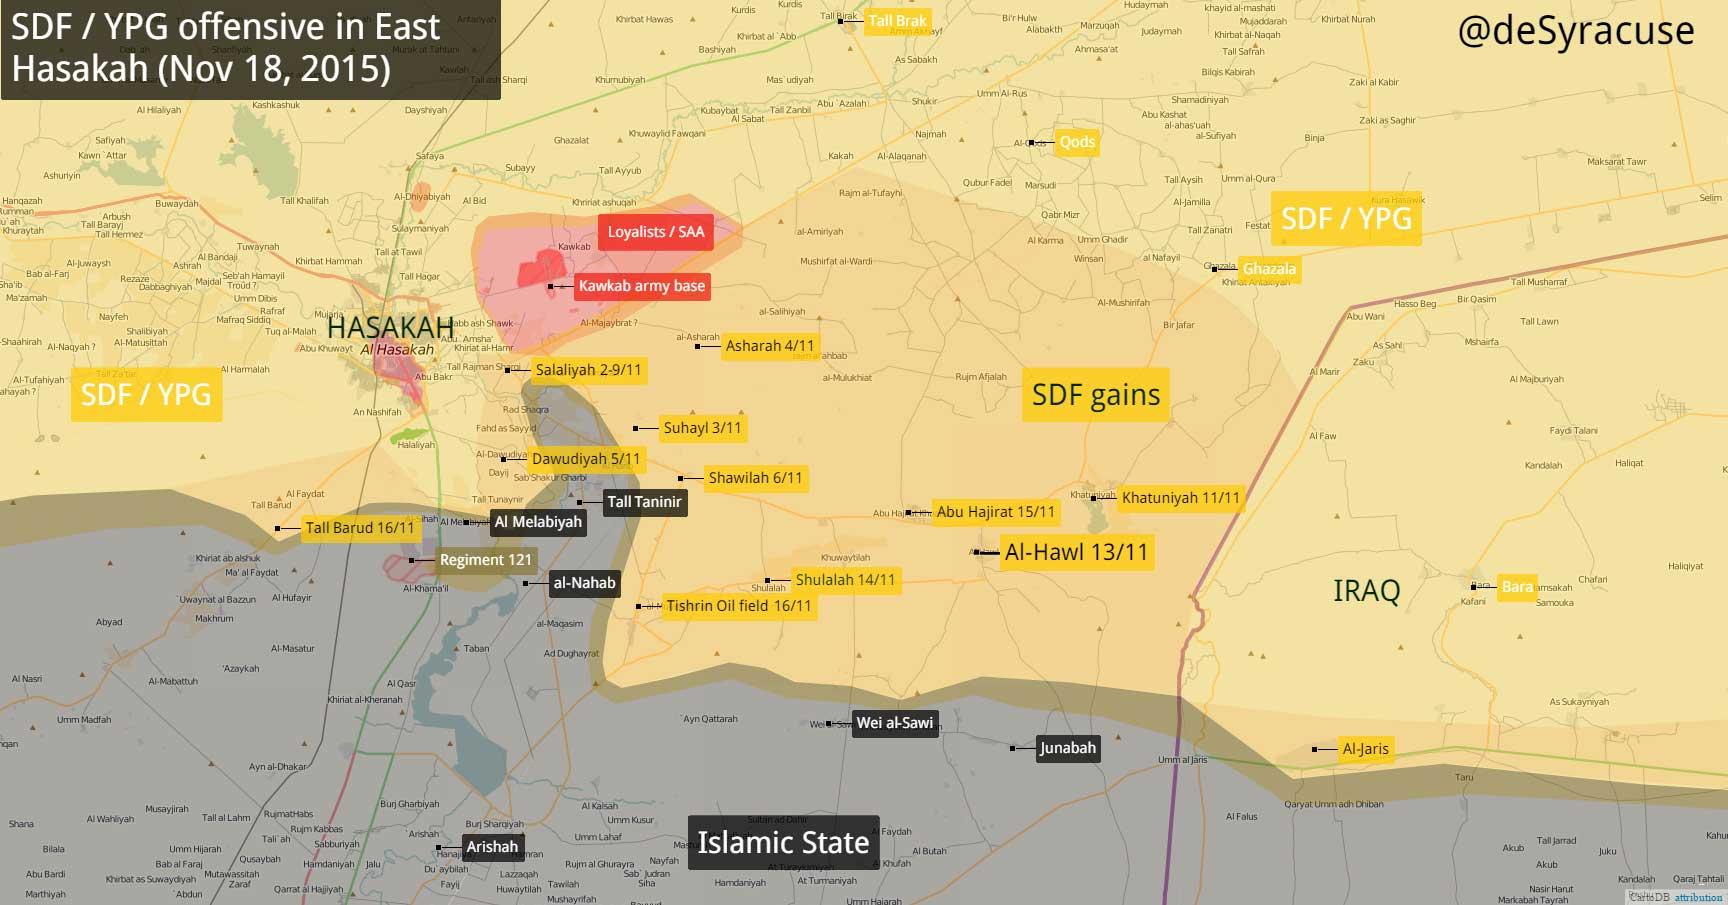 Ход военной компании сирийской оппозиции и курдов в Хасаке, 18 ноября 2015